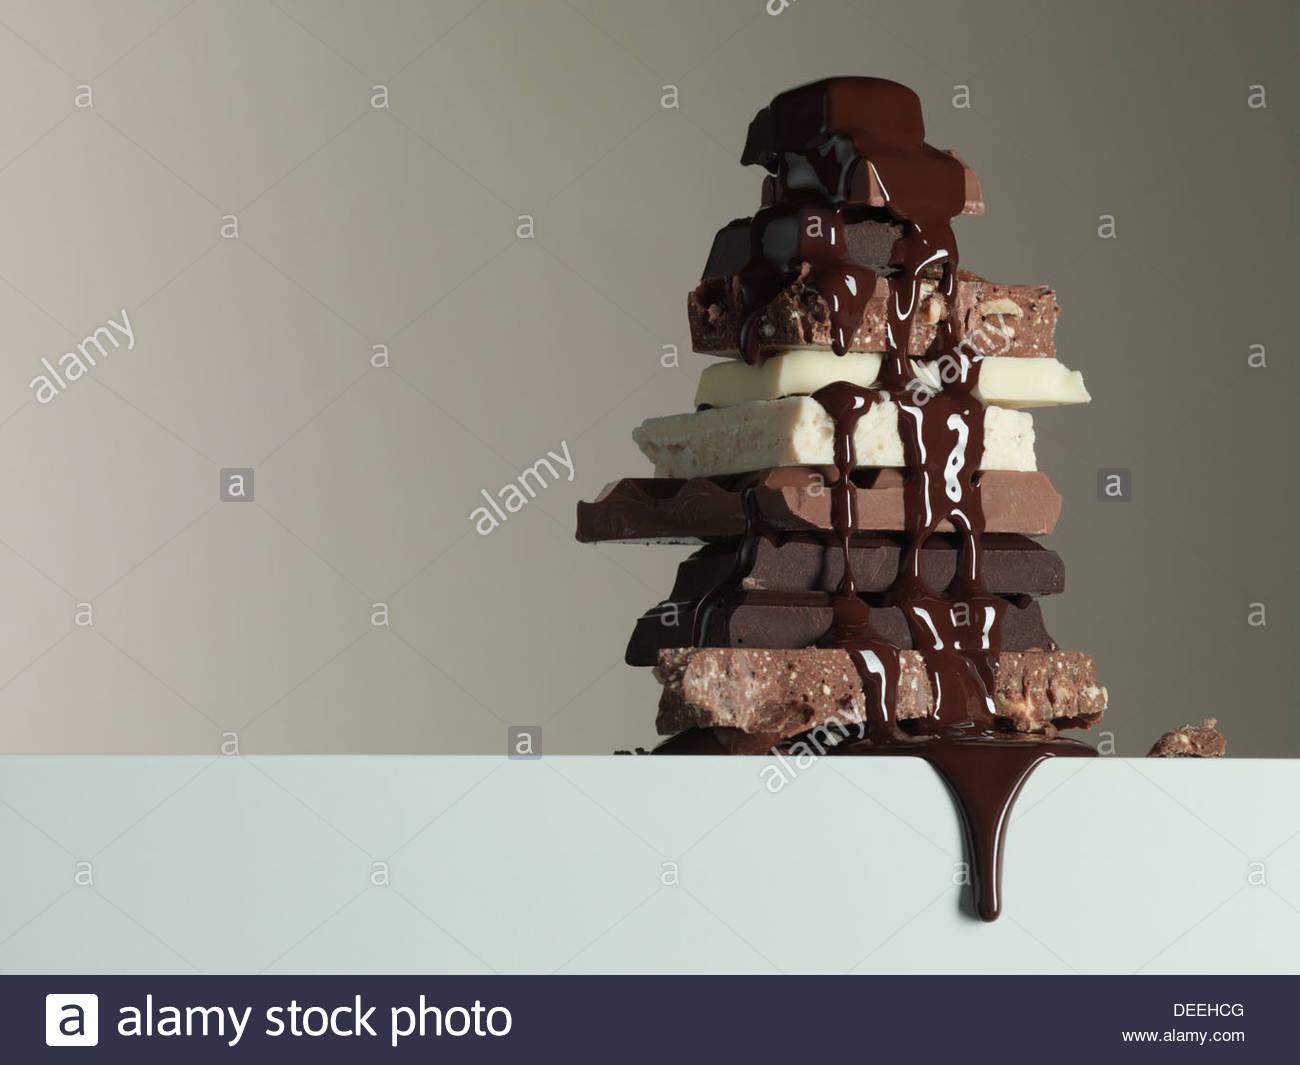 Lo sciroppo di cioccolato gocciolamento sulla pila di barrette di cioccolato Immagini Stock